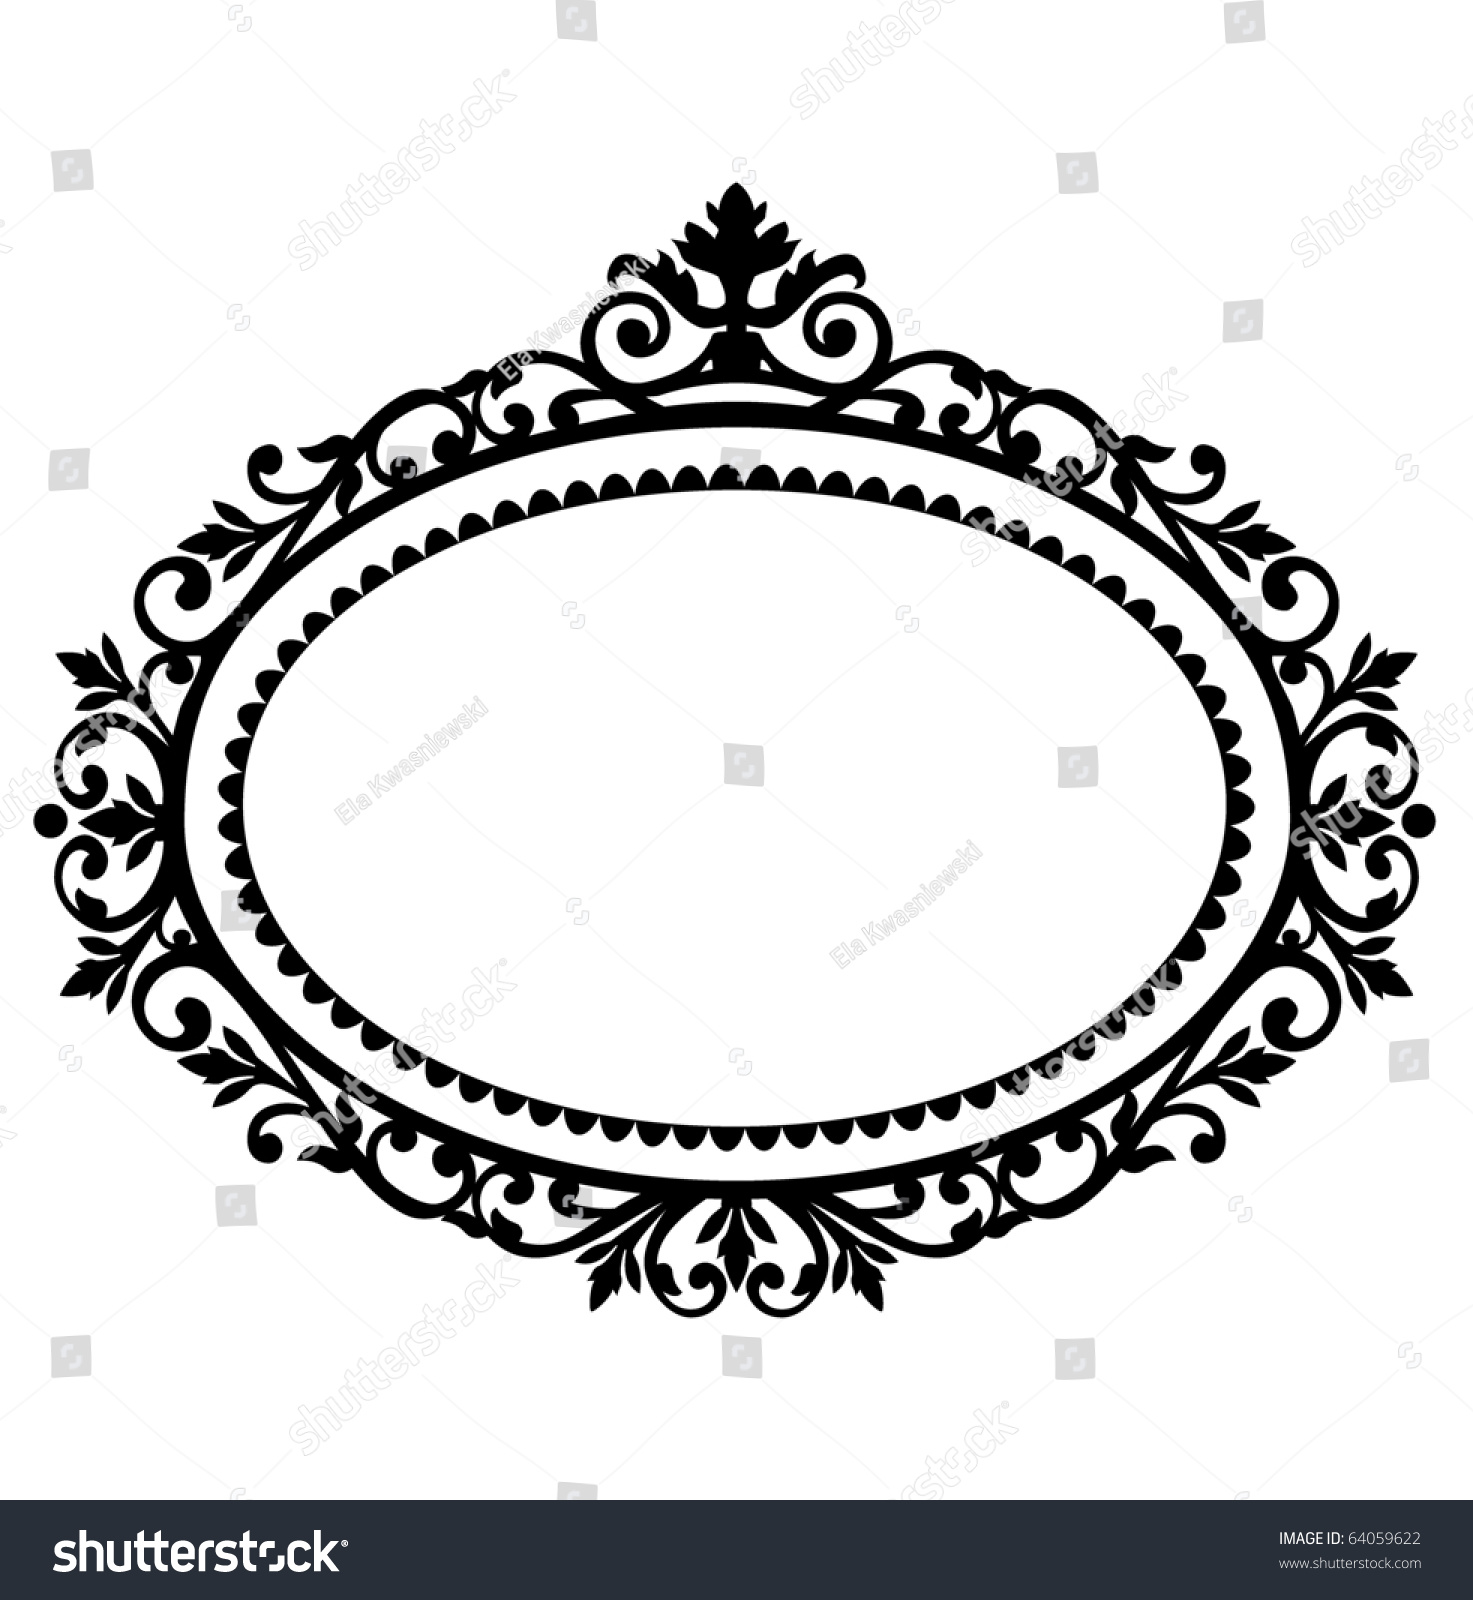 decorative frames - Decorative Picture Frames